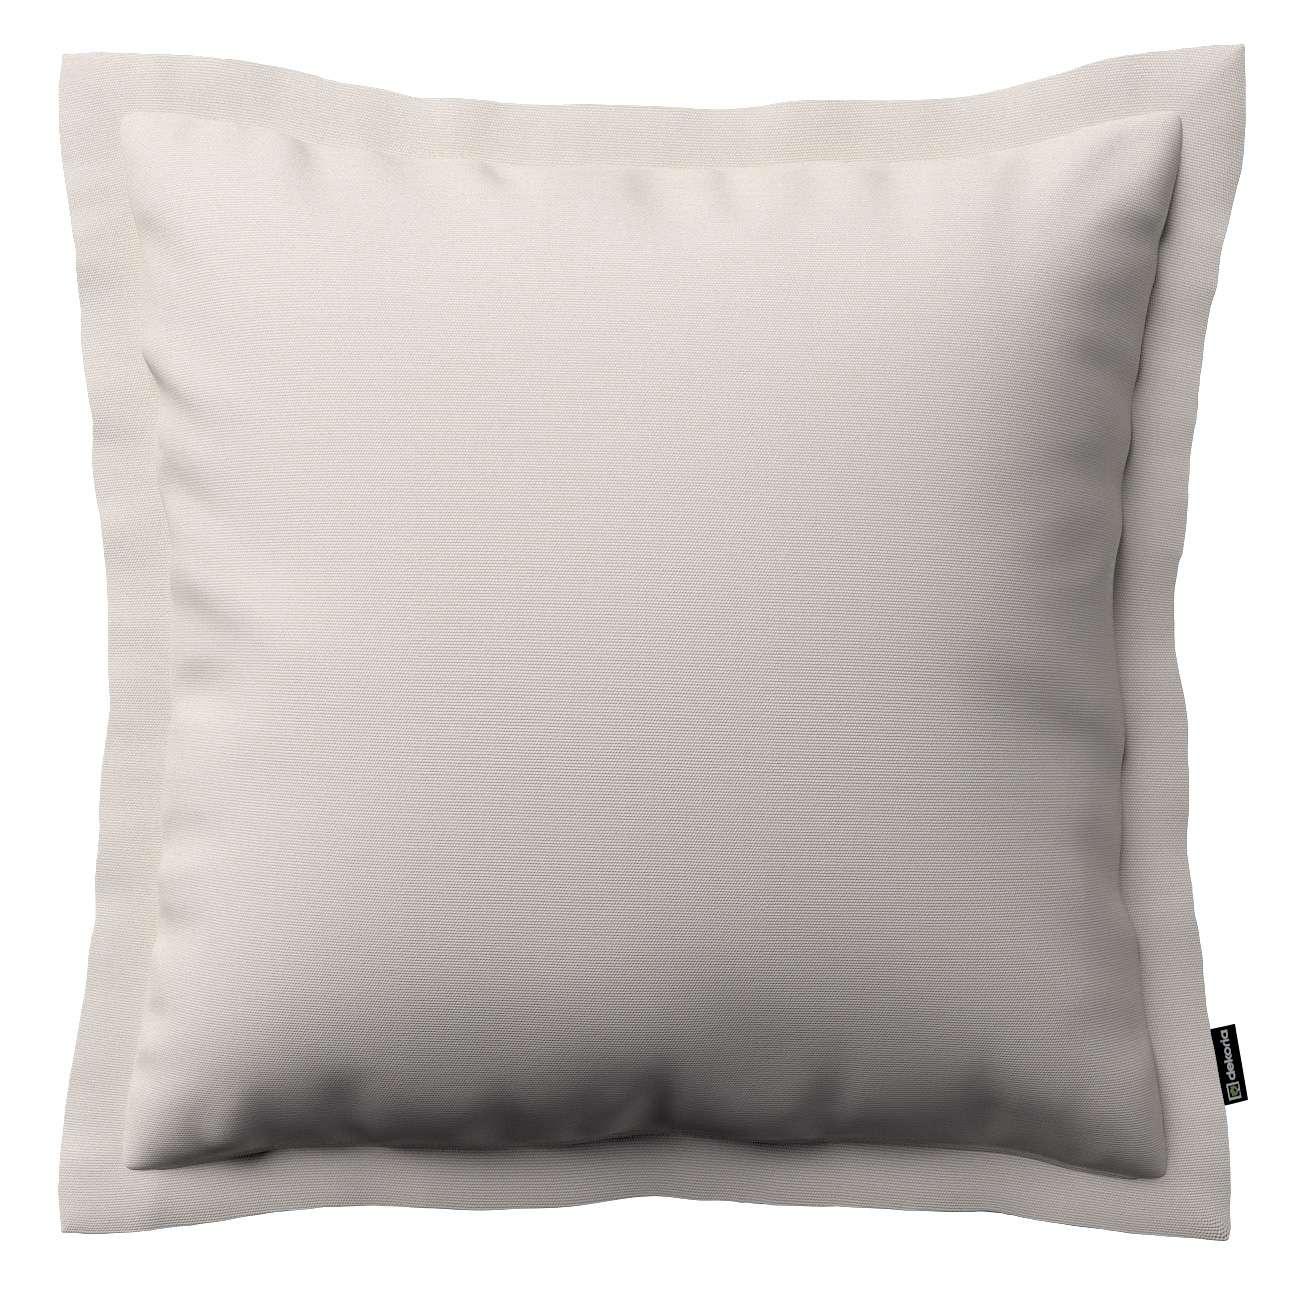 Mona dekoratyvinių pagalvėlių užvalkalas su sienele 45 x 45cm kolekcijoje Cotton Panama, audinys: 702-31